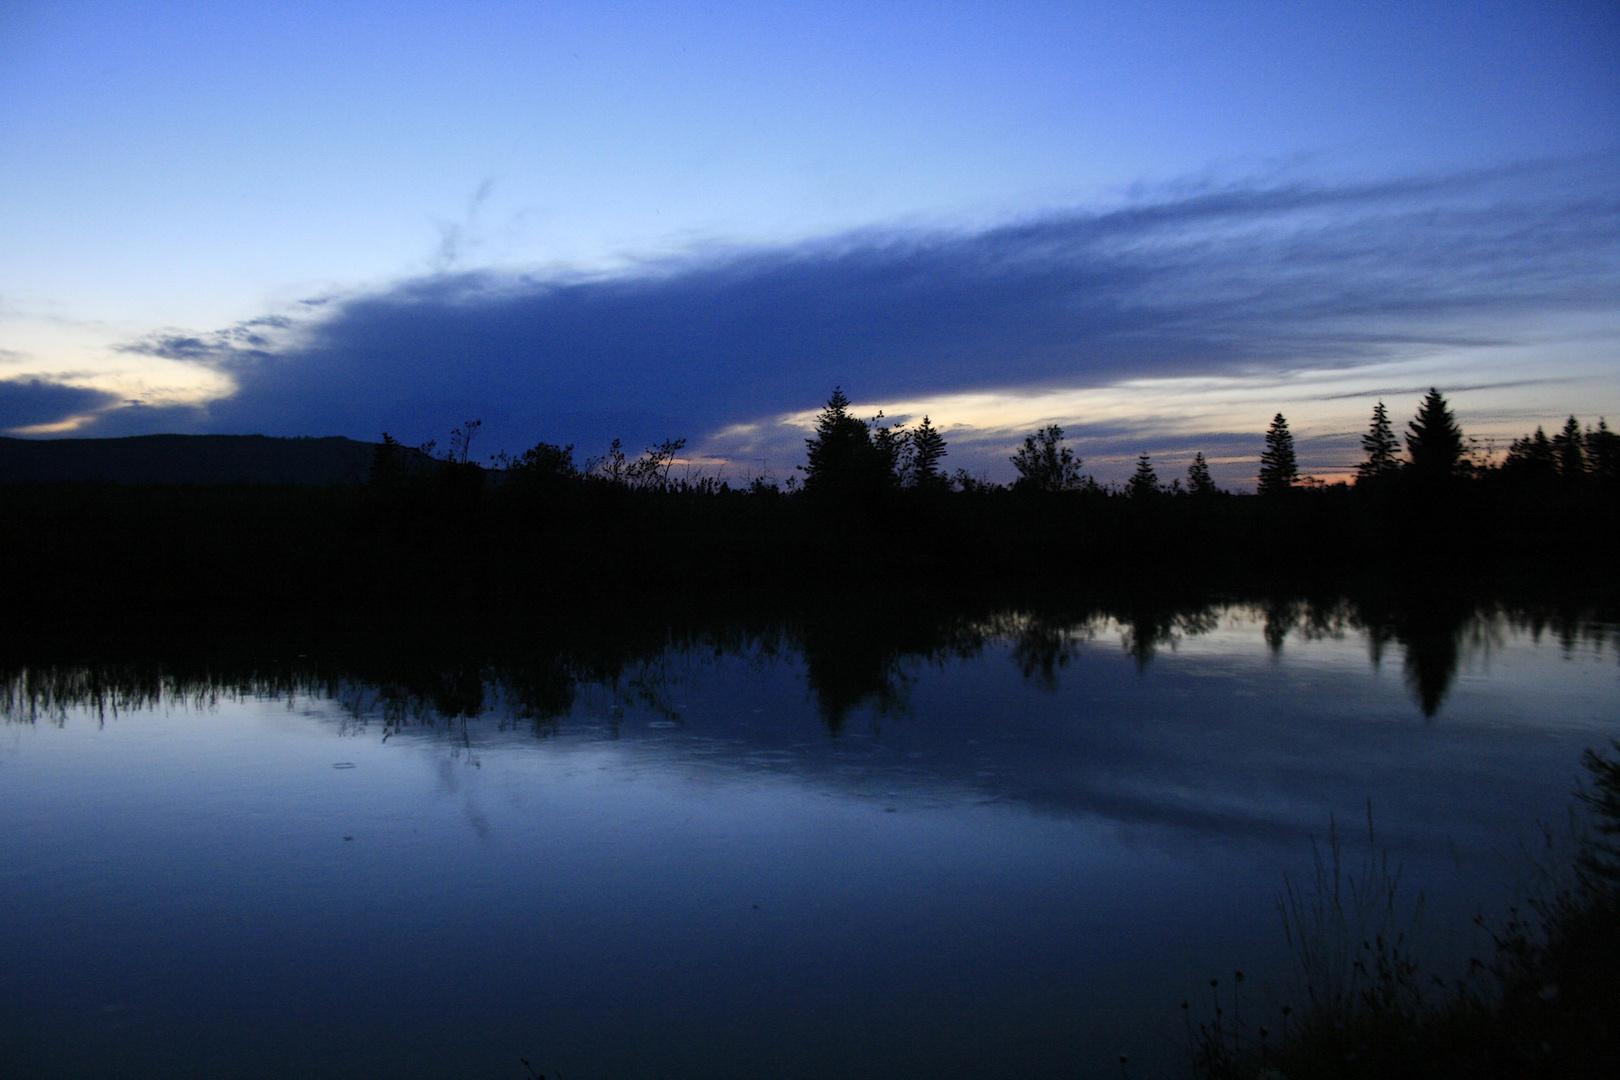 ...Abendstimmung am Fluss...